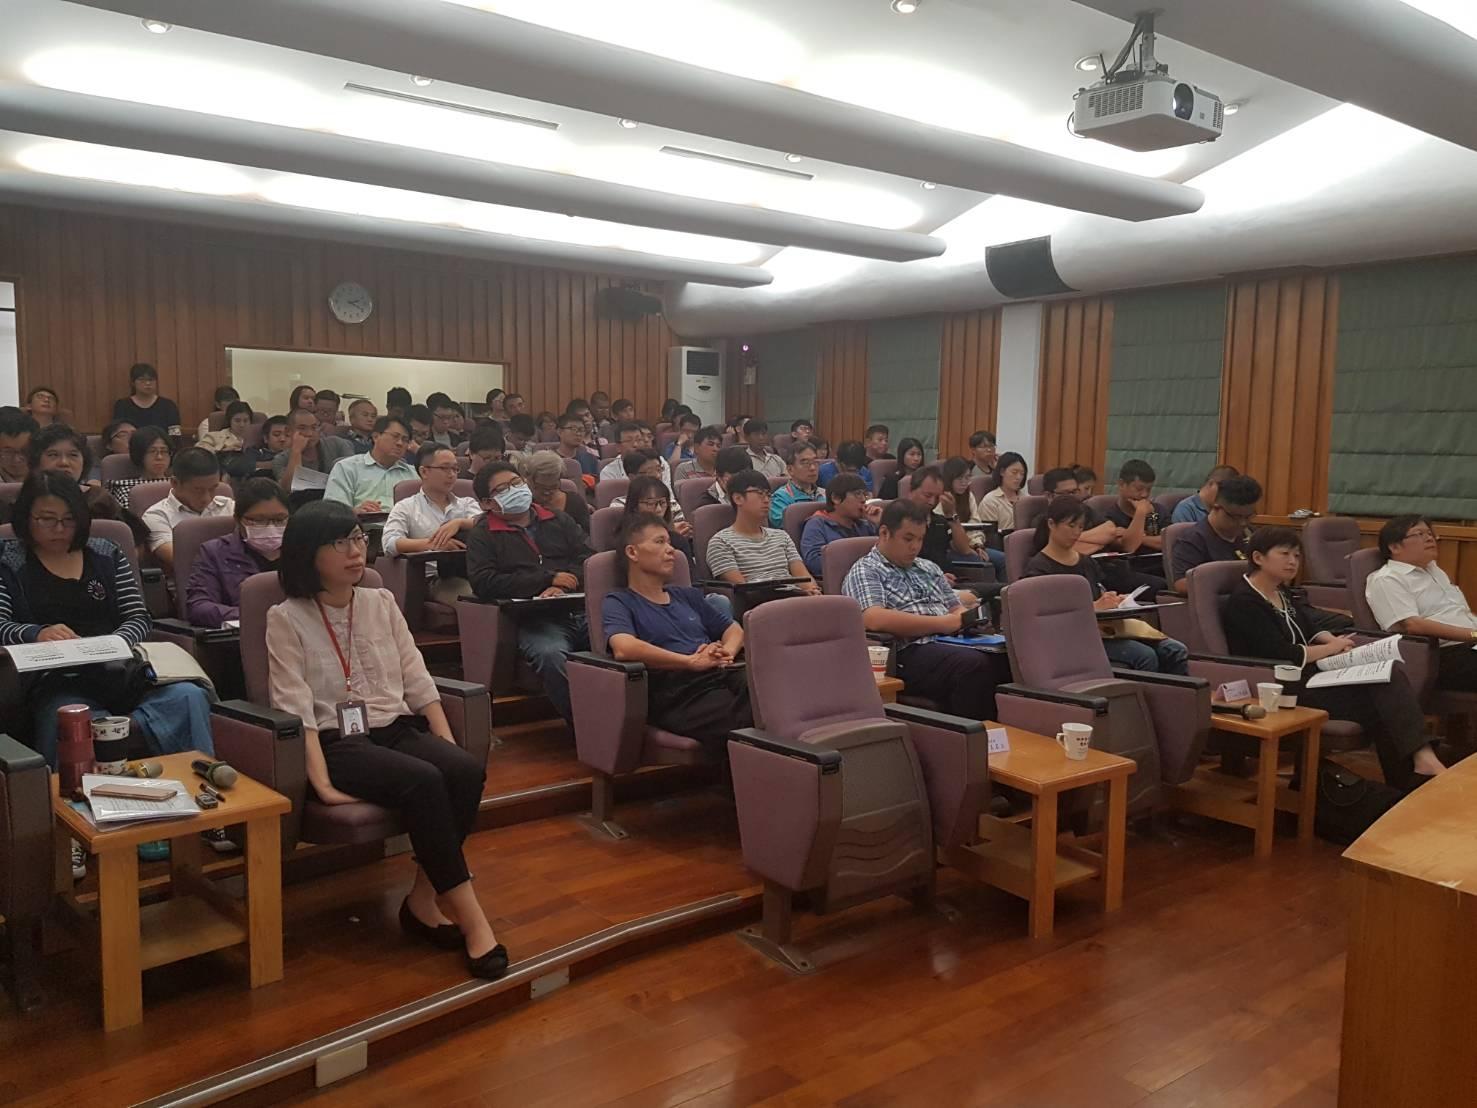 宜蘭縣政府舉辦提升工程品質座談會2